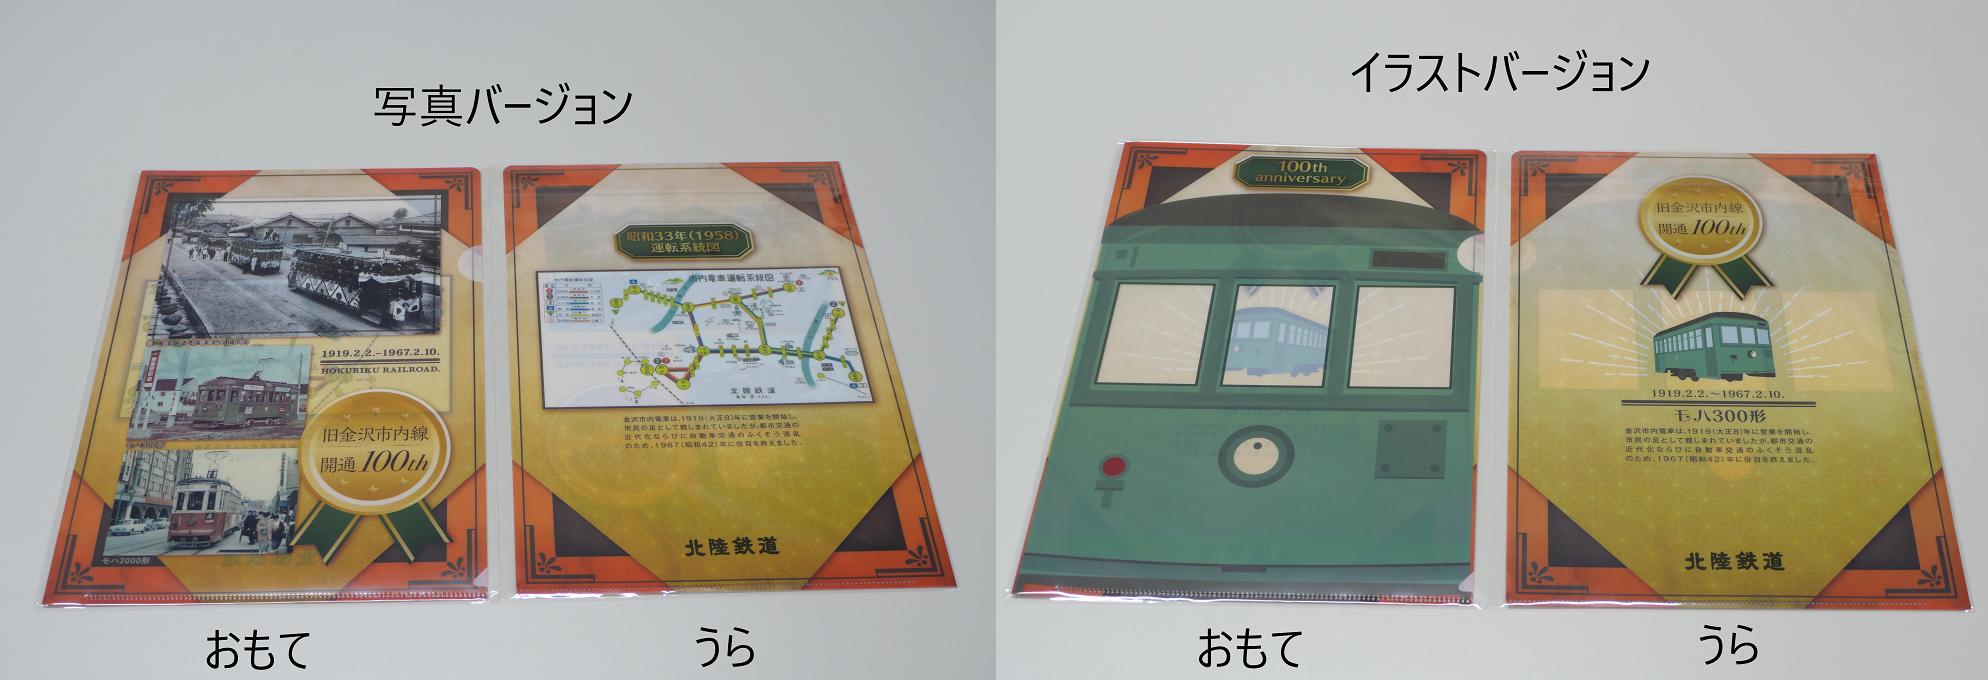 金沢市内電車クリアファイル(2種)